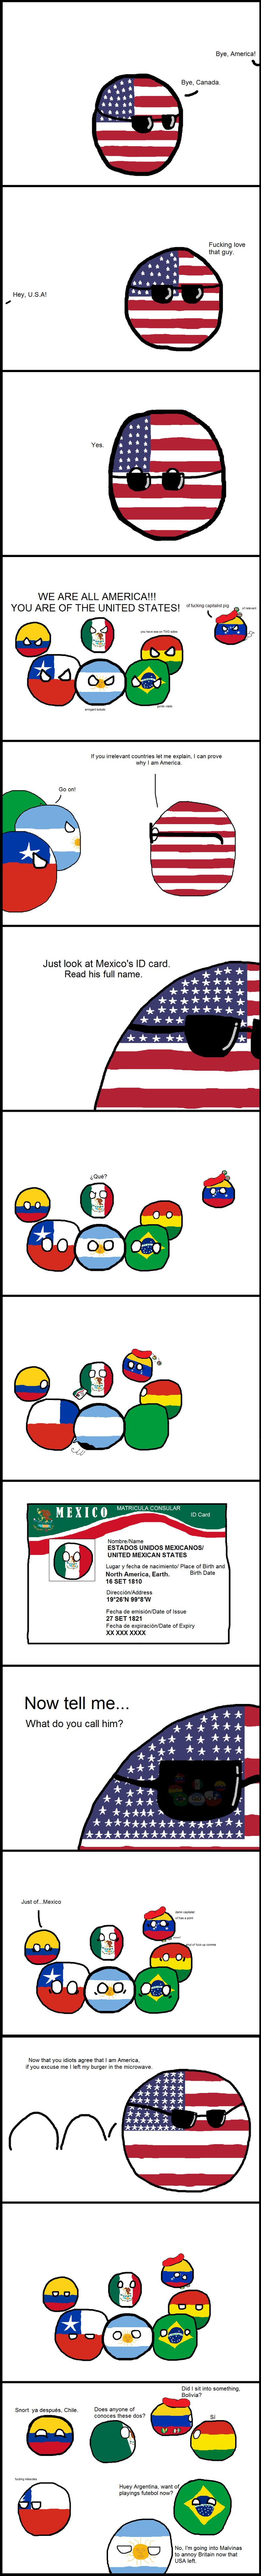 Daily Polandball: U.S of America